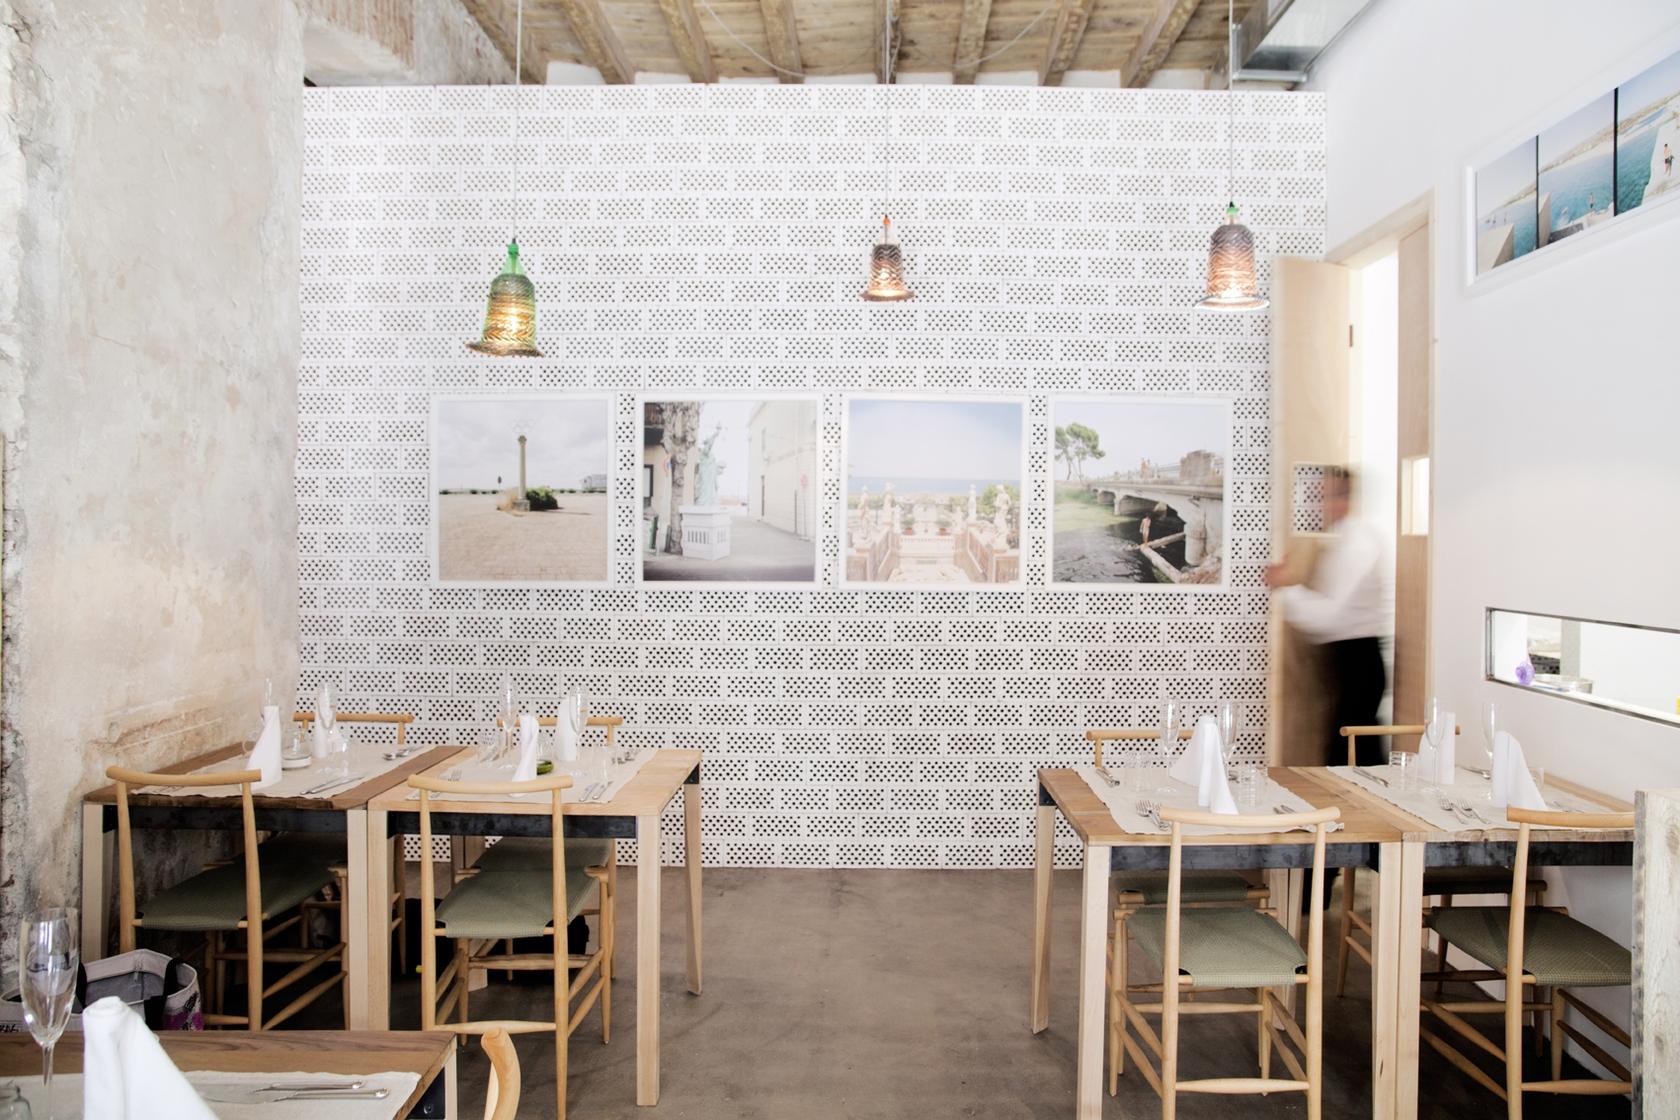 28 Posti Restaurant - Francesco Faccin 02